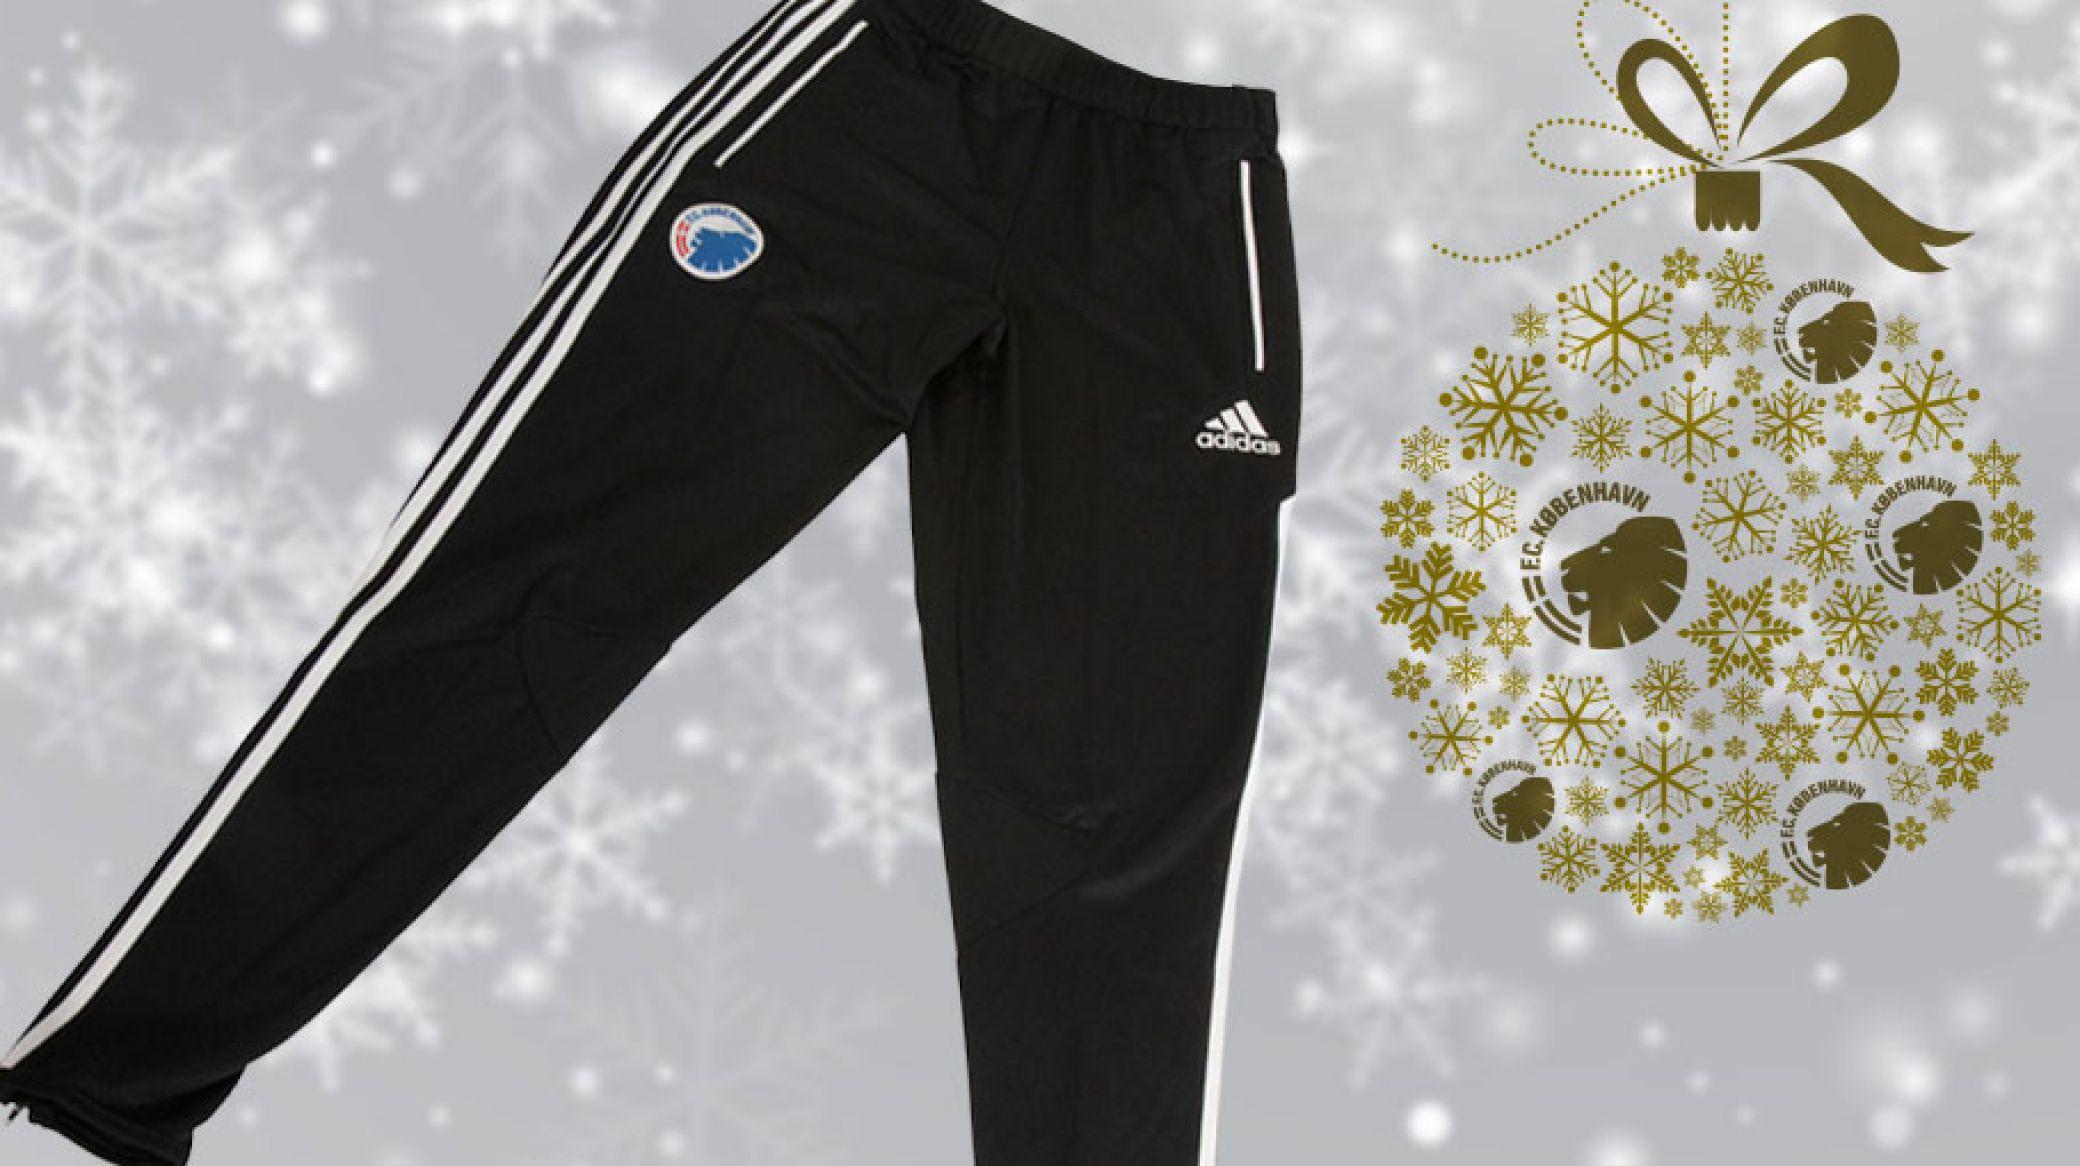 Adidas Condivo 12 Træningsbukser dagens julegavetip: adidas condivo træningsbukser | f.c. københavn